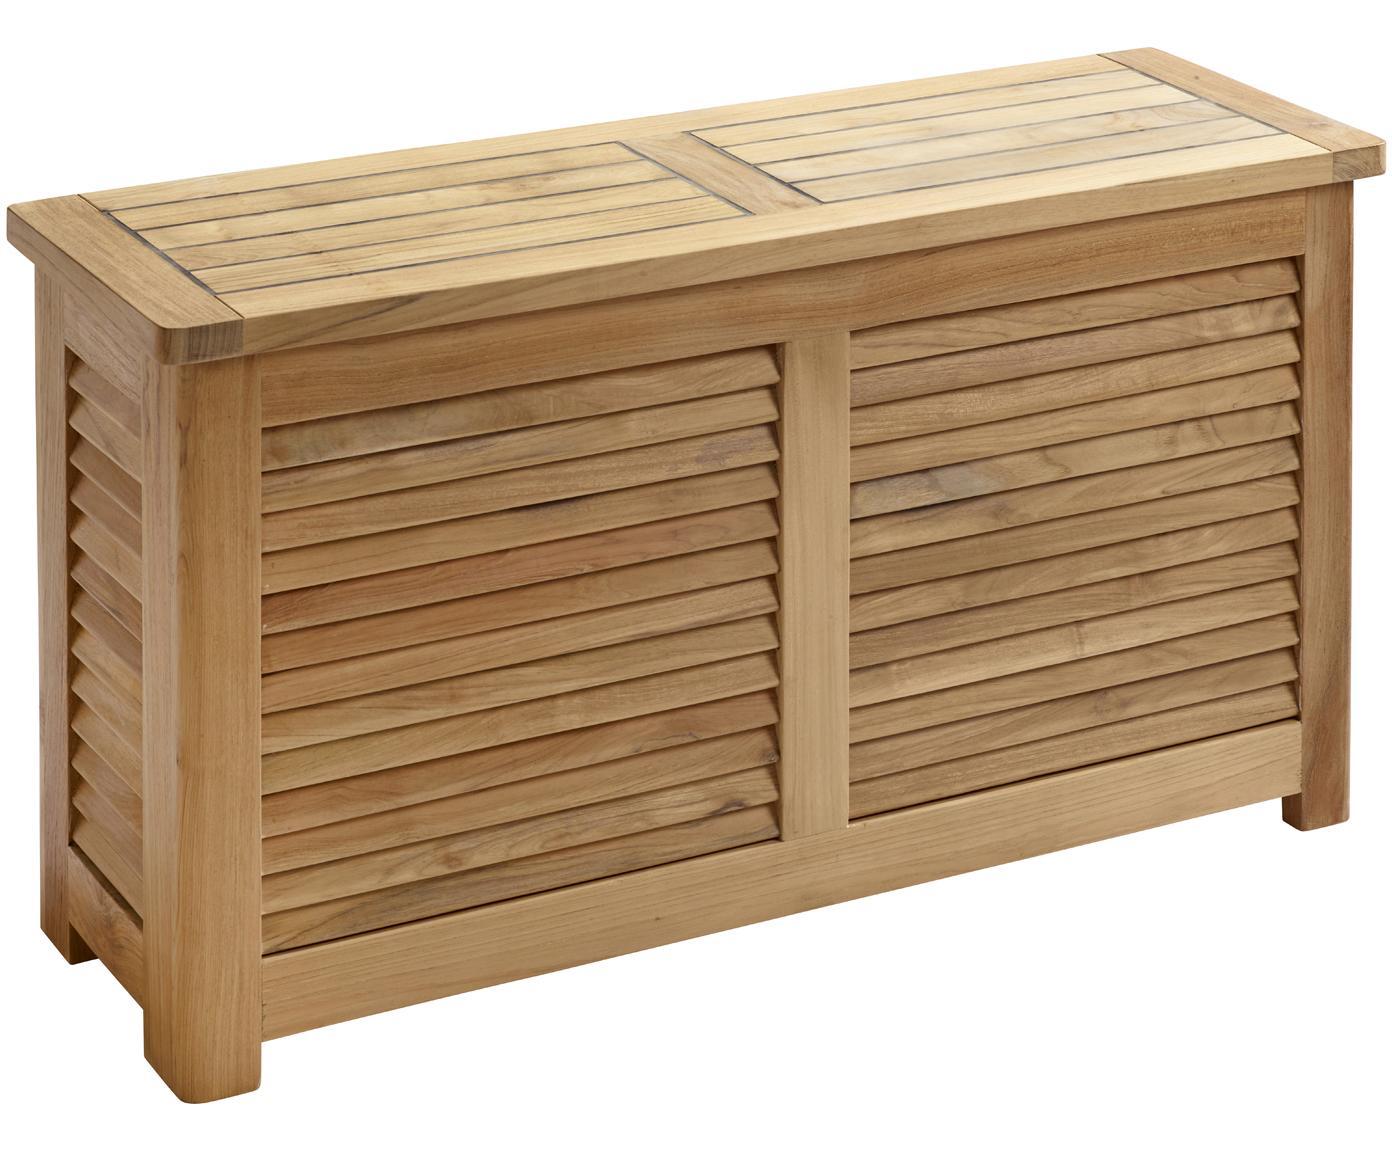 Wąska skrzynia do przechowywania z drewna Storage, Korpus: drewno tekowe, piaskowane, Rama: drewno tekowe<br>Front: lustrzany, S 90 x W 48 cm